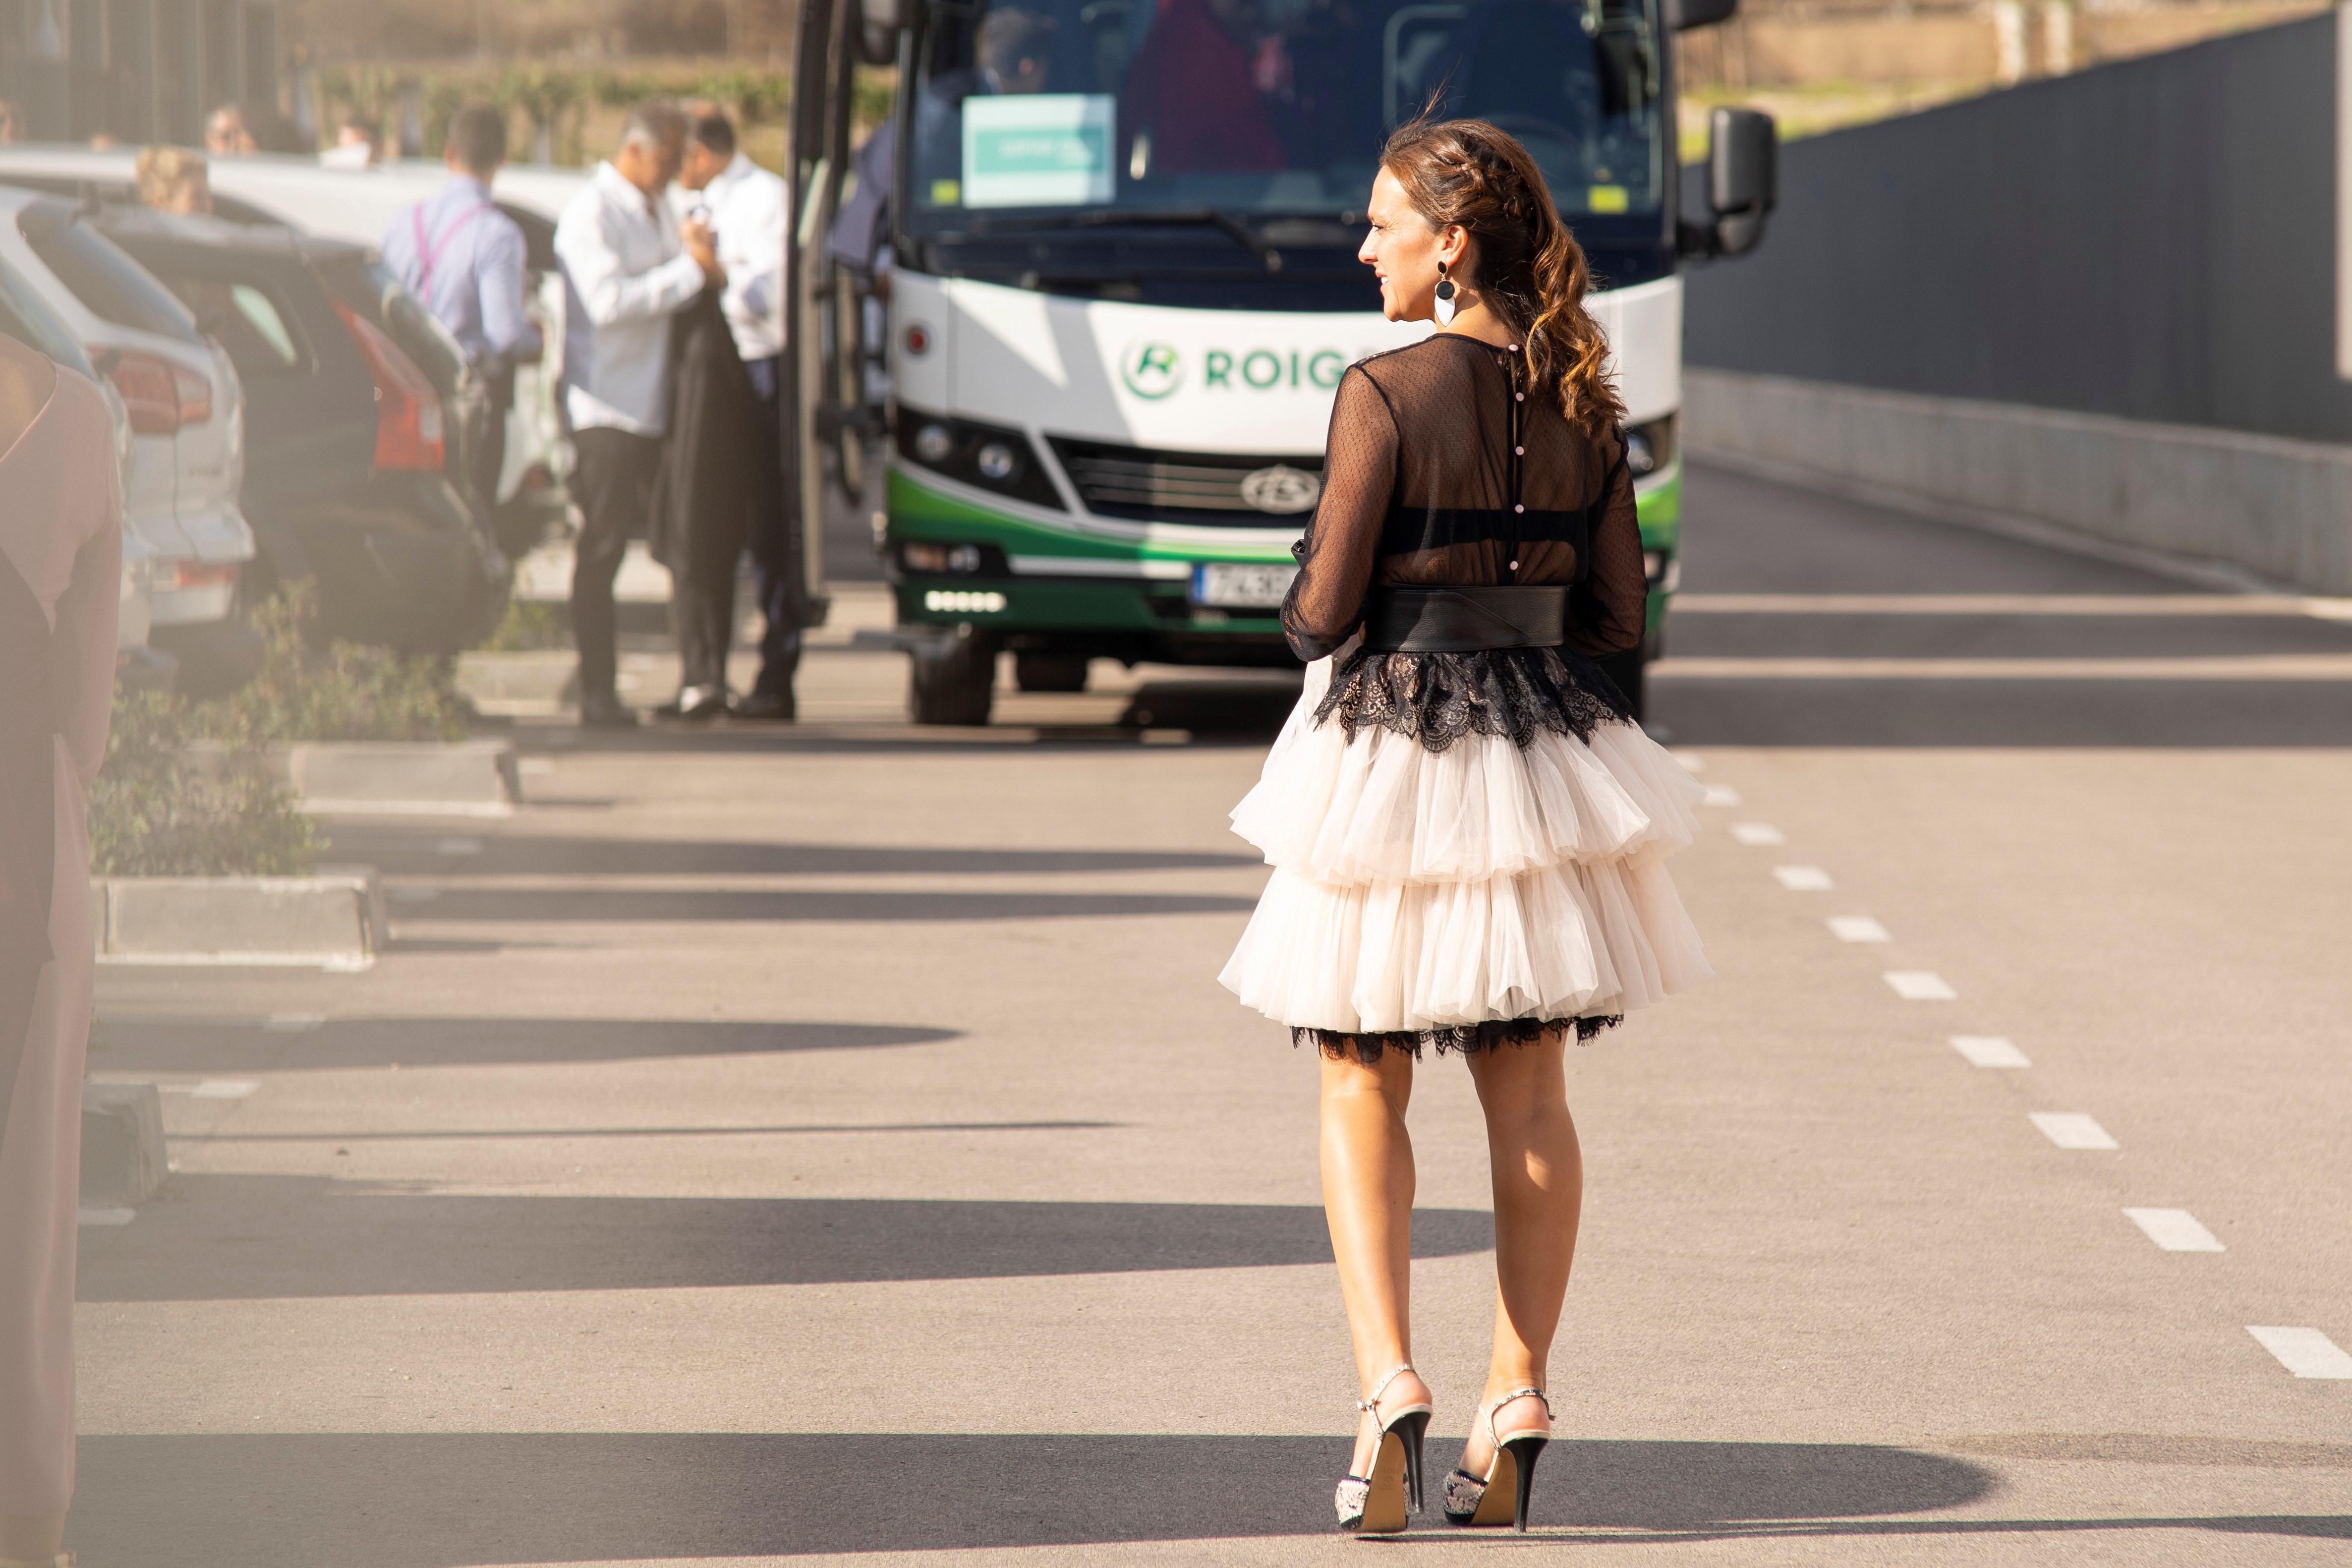 Los invitados a la boda de Rafa Nadal y Mery Perelló subieron a uno de los dos autobuses que los trasladó desde la Academia de Rafa Nadal, en Manacor al castillo EFE/ Ezequiel Ivan Espinar Riutort